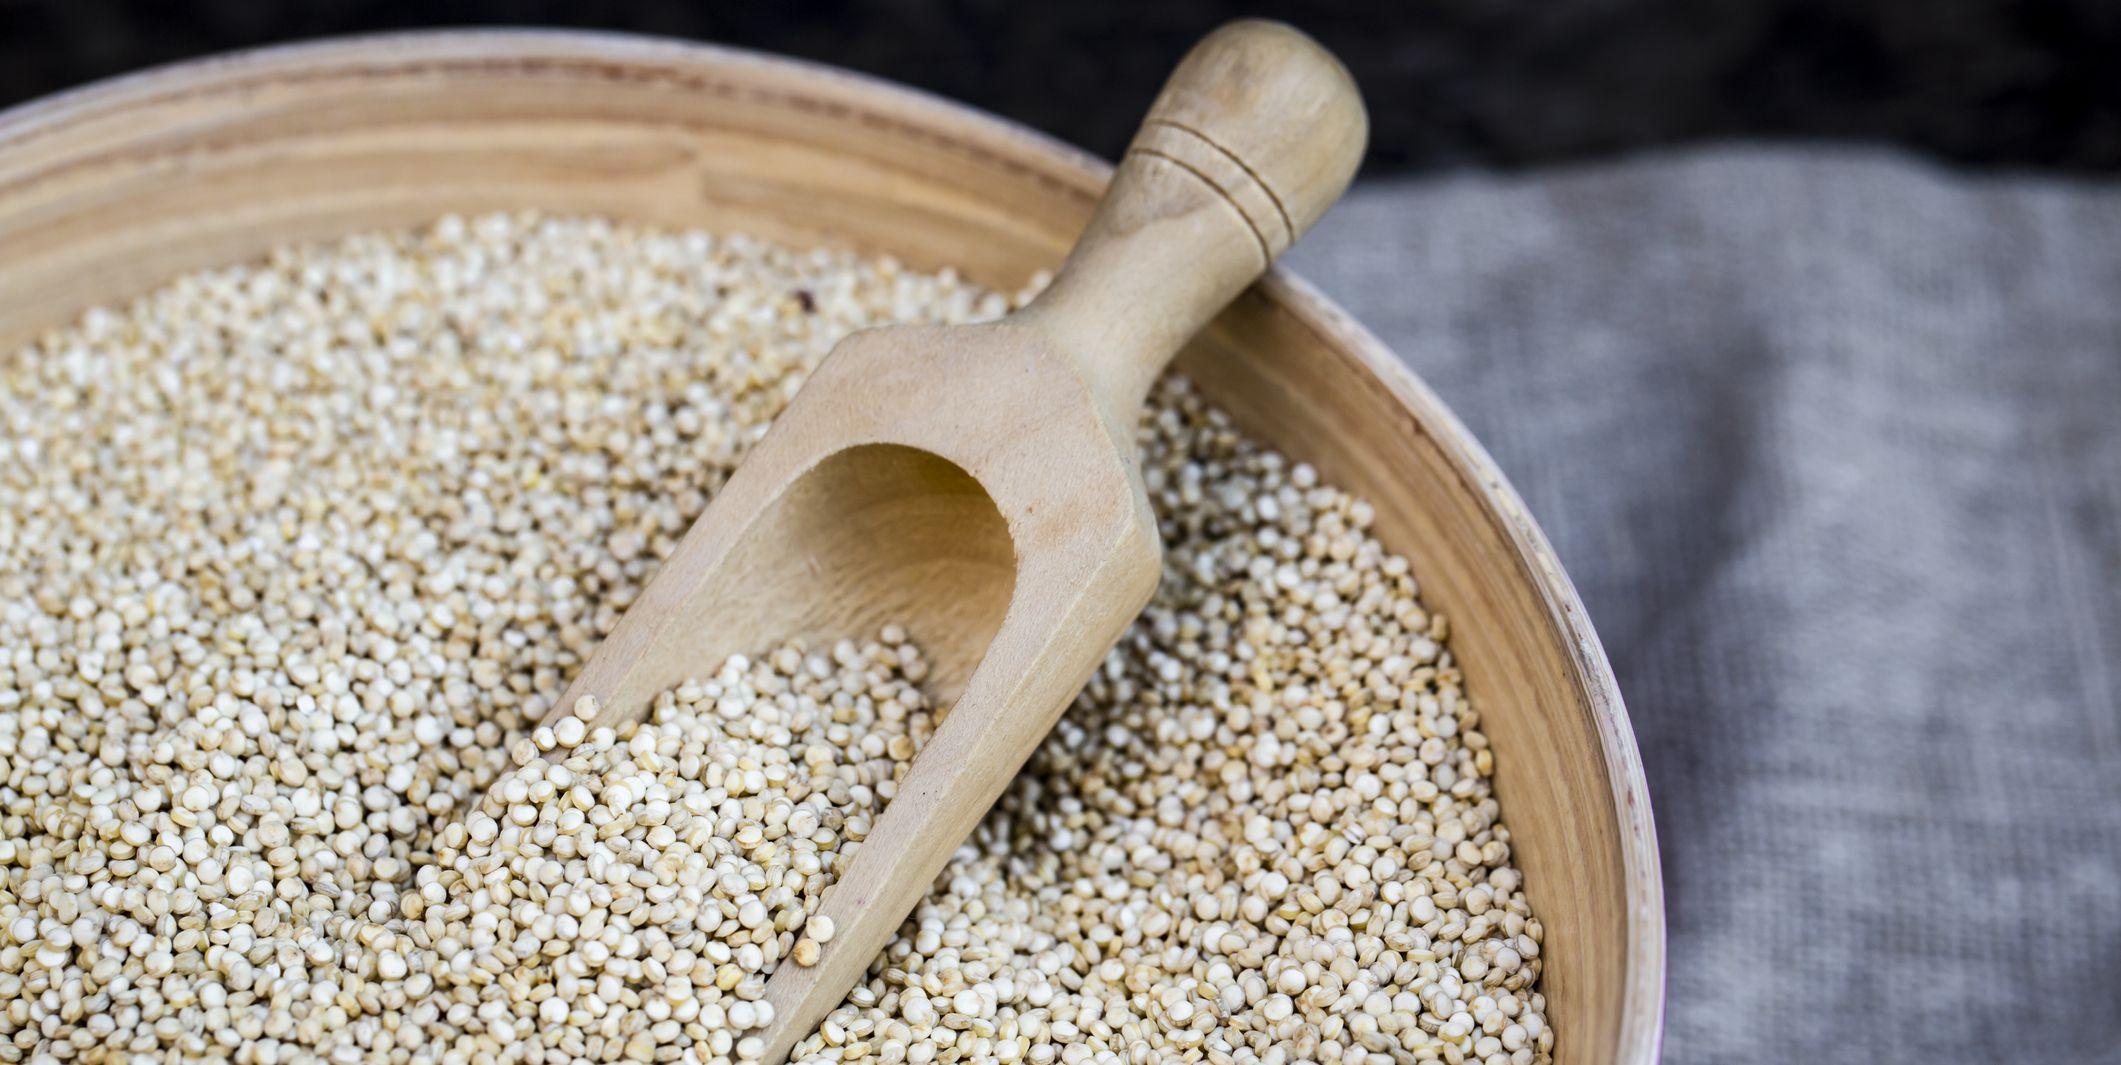 Bowl of organic quinoa